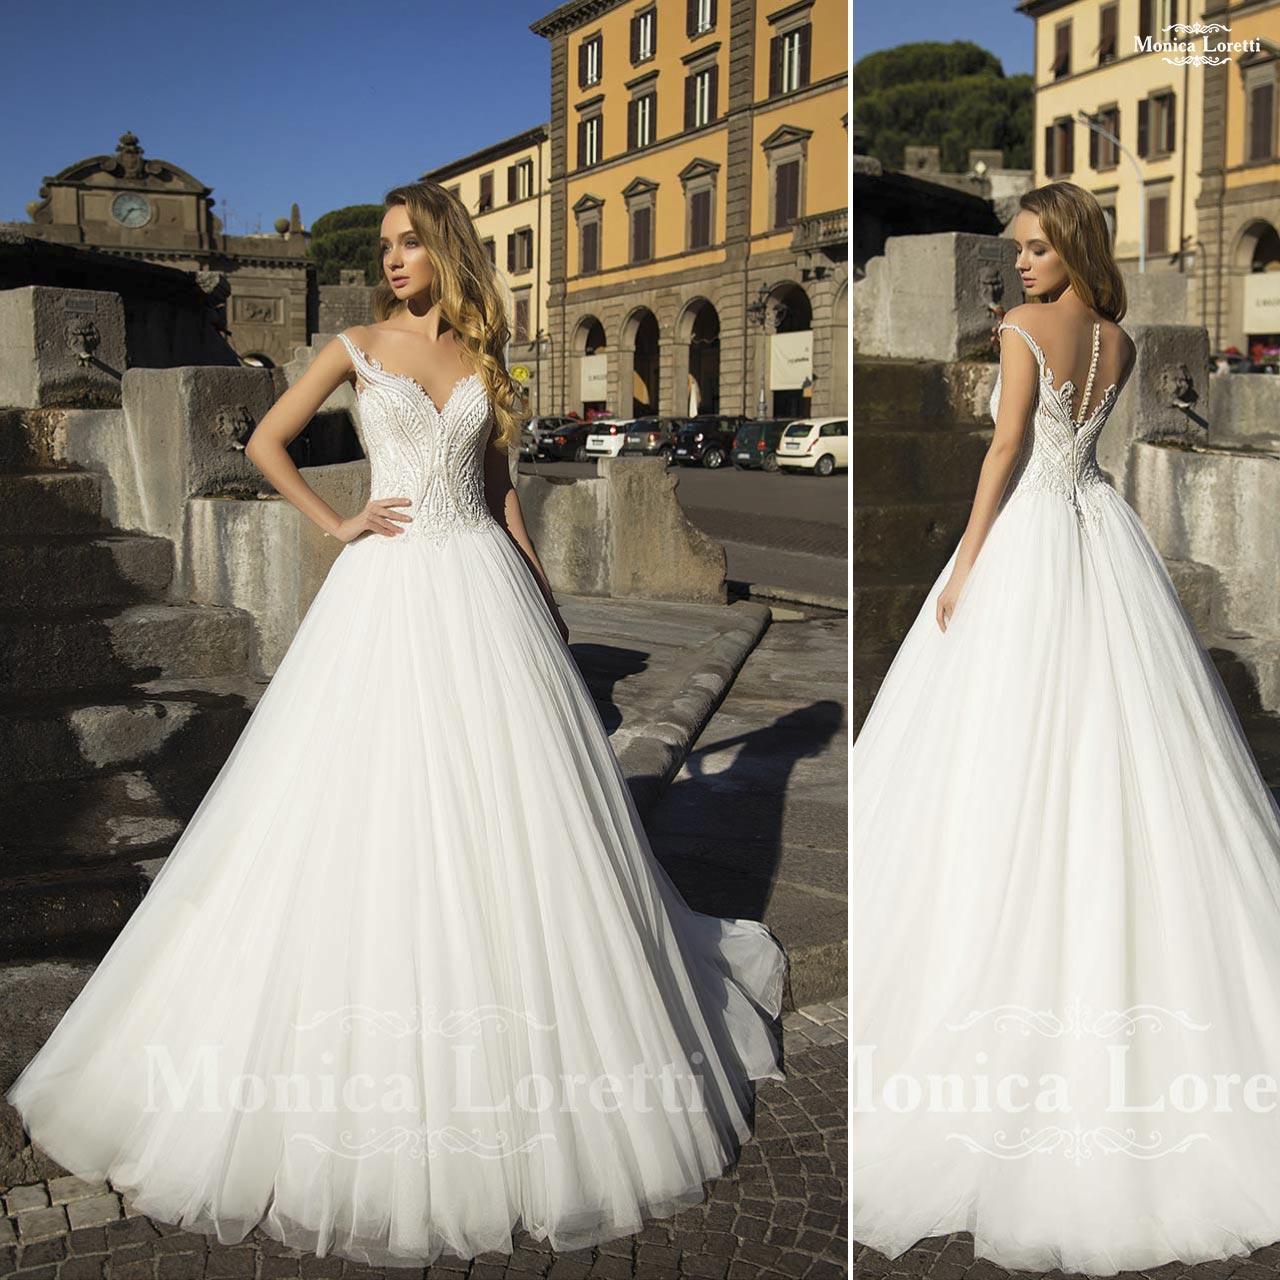 ... Abito da sposa principessa articolo Olivo Monica Loretti Bellissimo  abito da sposa in pizzo bianco dallo stile moderno articolo Maricel ... b840372c5a6